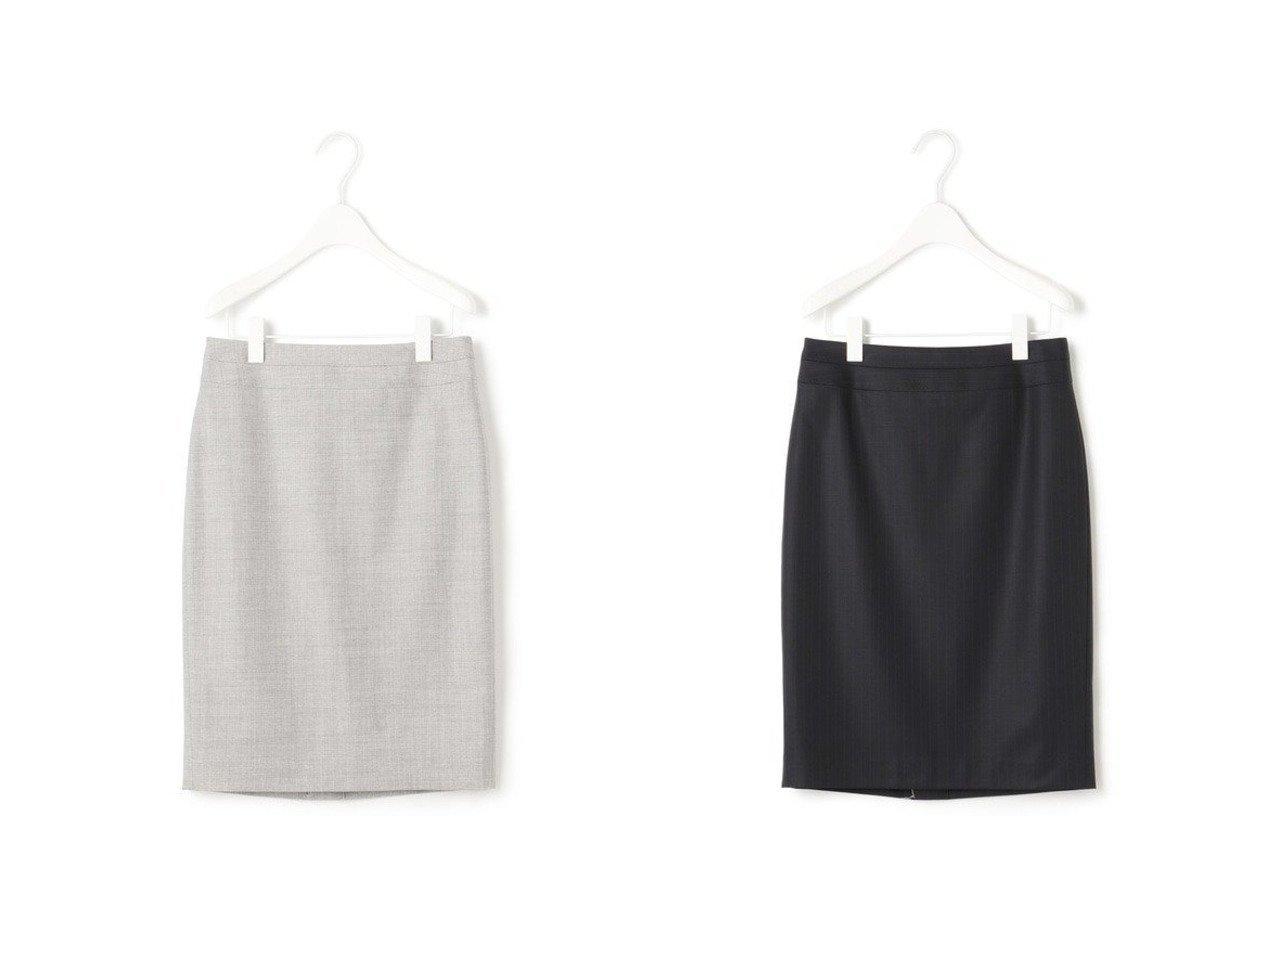 【iCB/アイシービー】の【セットアップ】Bahariye タイトスカート スカートのおすすめ!人気、トレンド・レディースファッションの通販 おすすめで人気の流行・トレンド、ファッションの通販商品 メンズファッション・キッズファッション・インテリア・家具・レディースファッション・服の通販 founy(ファニー) https://founy.com/ ファッション Fashion レディースファッション WOMEN セットアップ Setup スカート Skirt シンプル ジャケット ストレッチ スーツ セットアップ タイトスカート 定番 Standard 人気 バランス ベーシック 2021年 2021 S/S 春夏 SS Spring/Summer 2021 春夏 S/S SS Spring/Summer 2021 送料無料 Free Shipping  ID:crp329100000010774